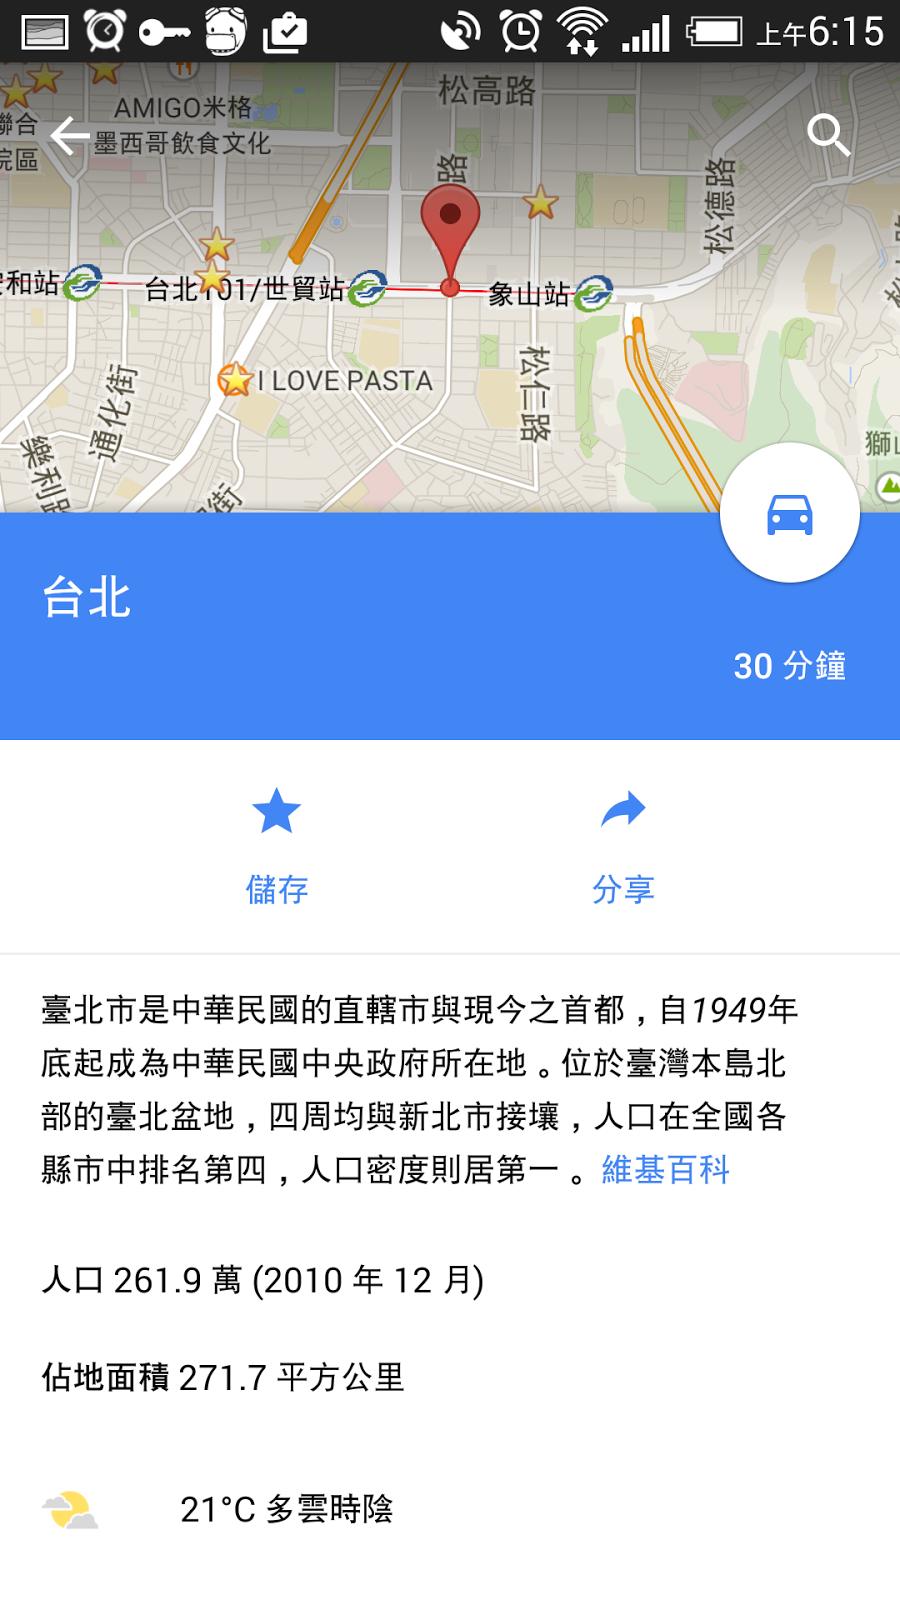 改變行動工作!電腦玩物 2014 最佳 Android App 推薦 Google%2B%E5%9C%B0%E5%9C%96%2BAndroid%2BApp-02